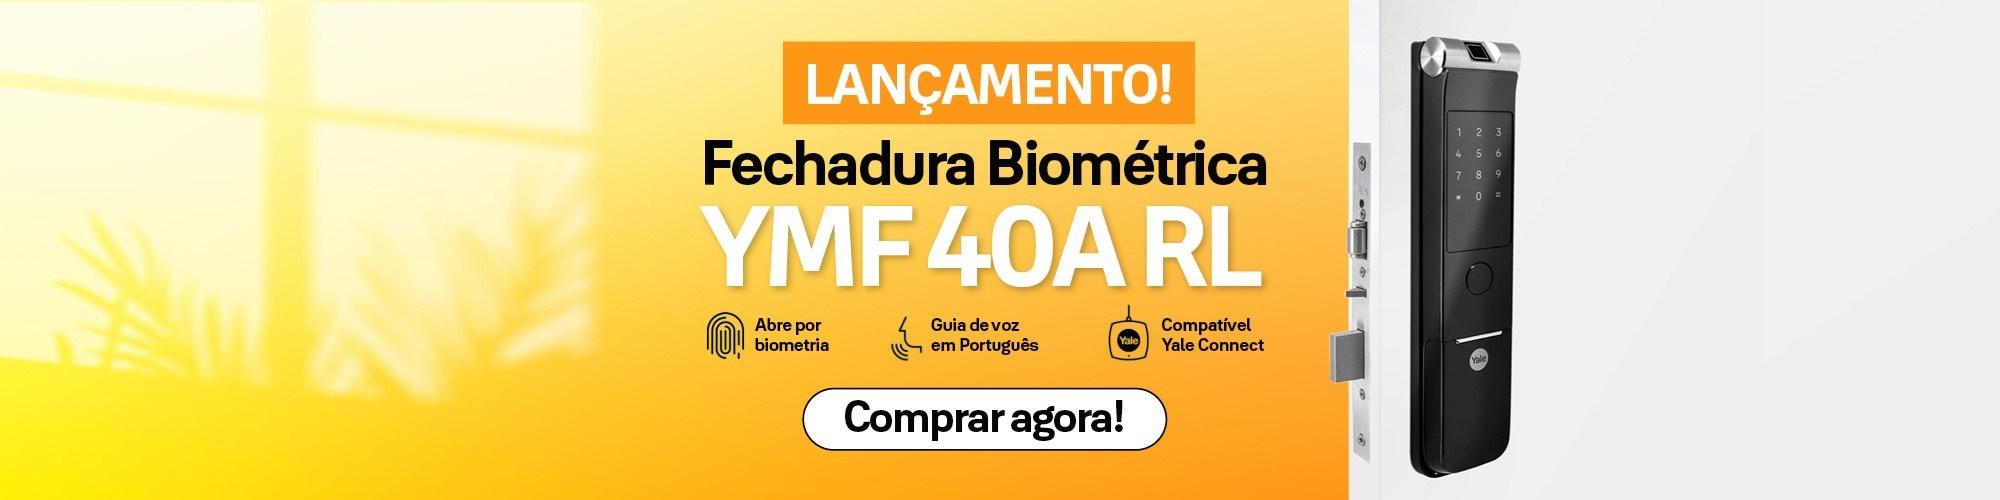 YMF 40A